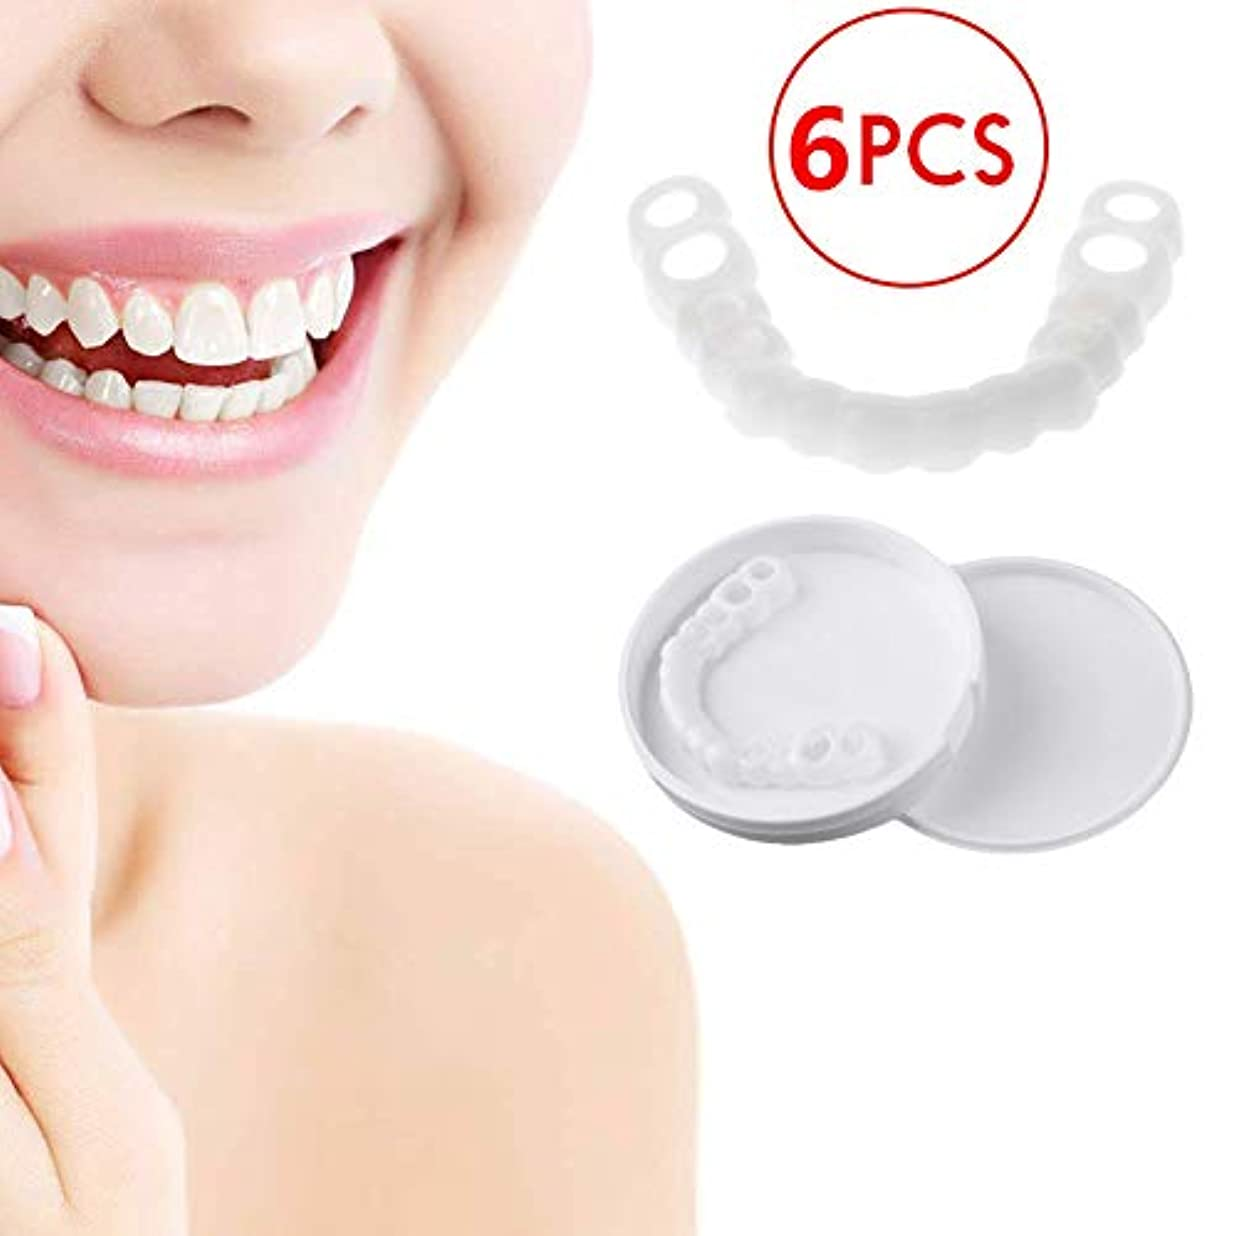 アーサーコナンドイルふける差別化する6ペアの一時的な歯のホワイトニング、変装した曲がった/ステンド/欠落したギャップのある歯のカバー,6pcsupperteeth